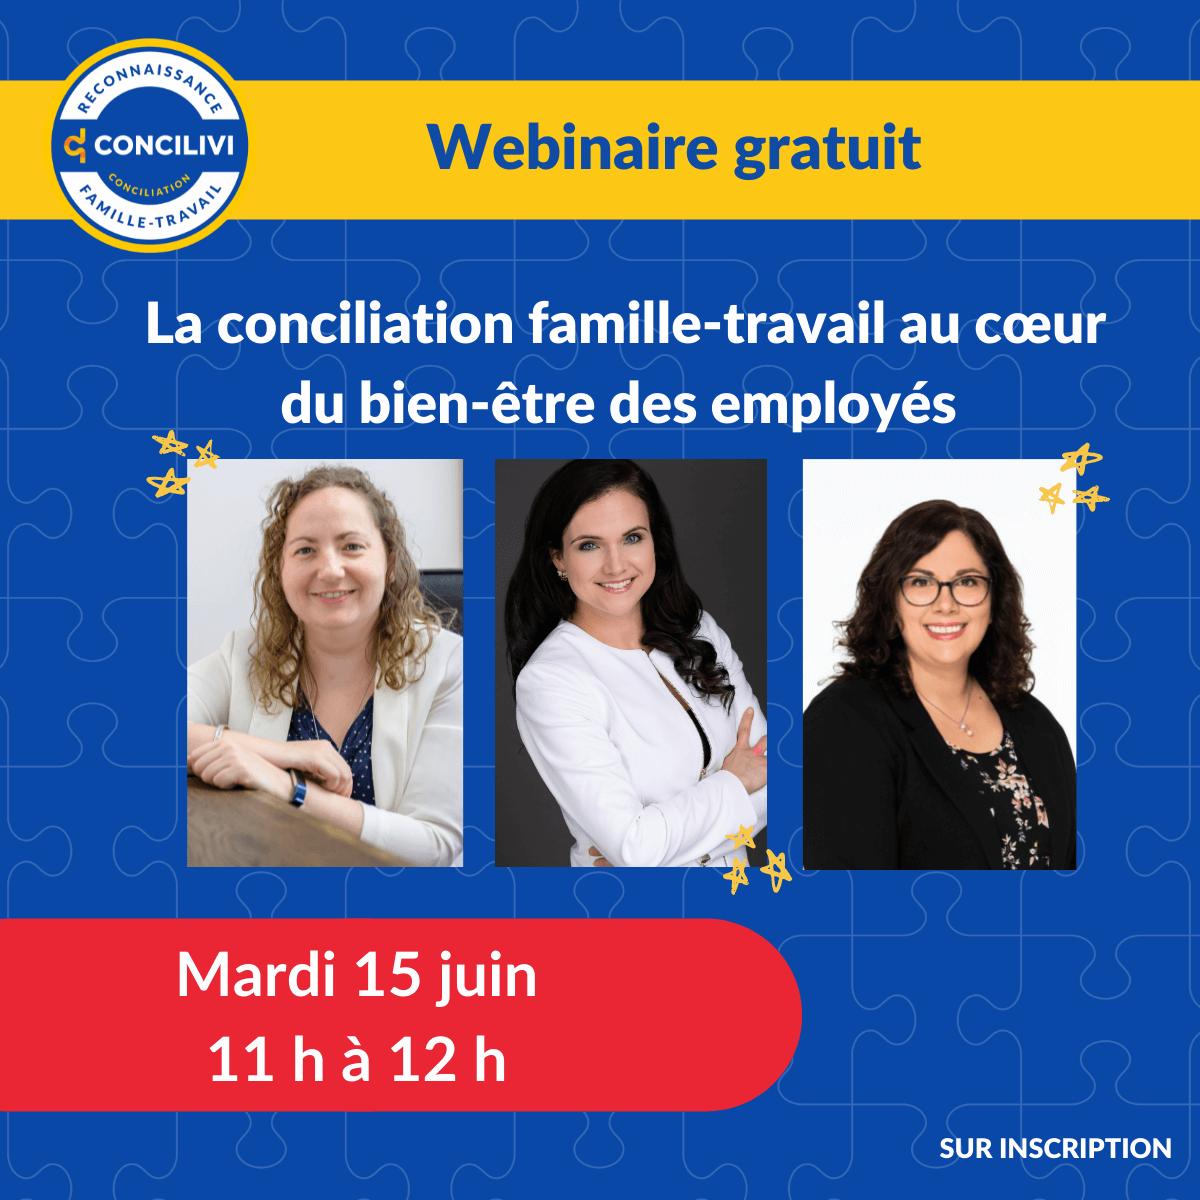 Webinaire gratuit : La conciliation famille-travail au cœur du bien-être des employés